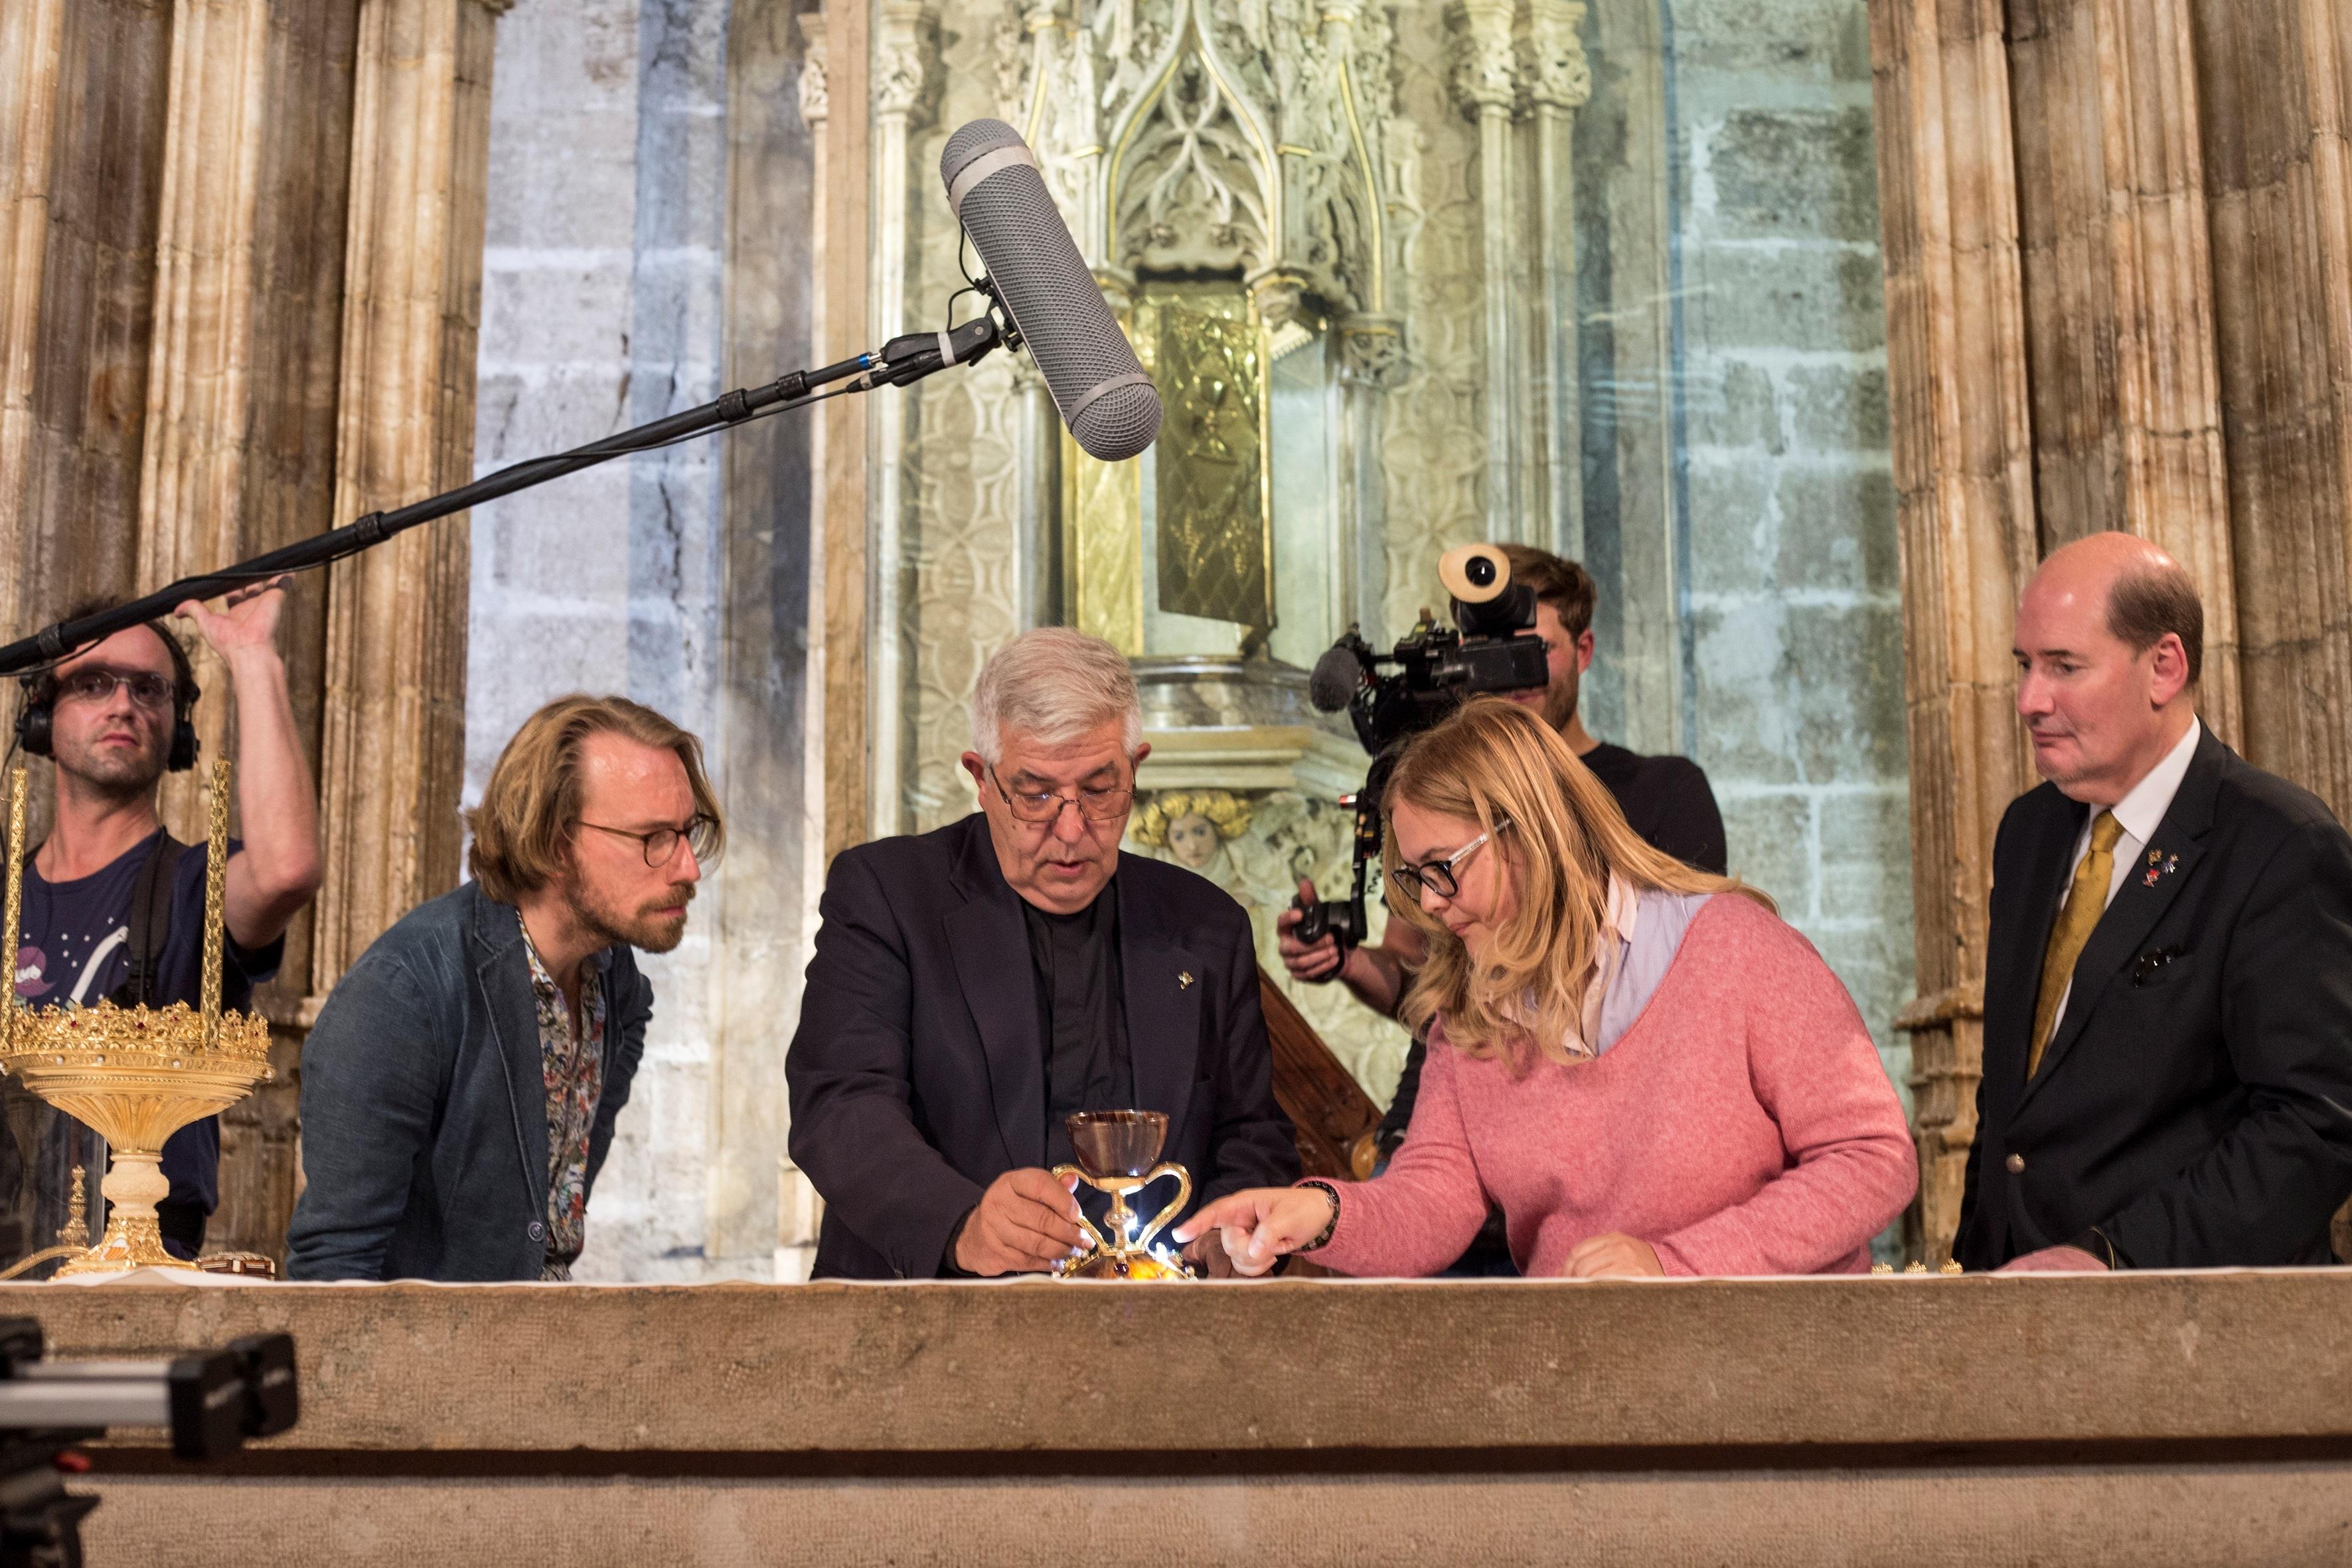 Jaime Sancho y Ane Mafé en la Capilla de Santo Cáliz de la Catedral de Valencia junto a Michael Hesemann. Foto: EFE | Guillermo Aguilar.